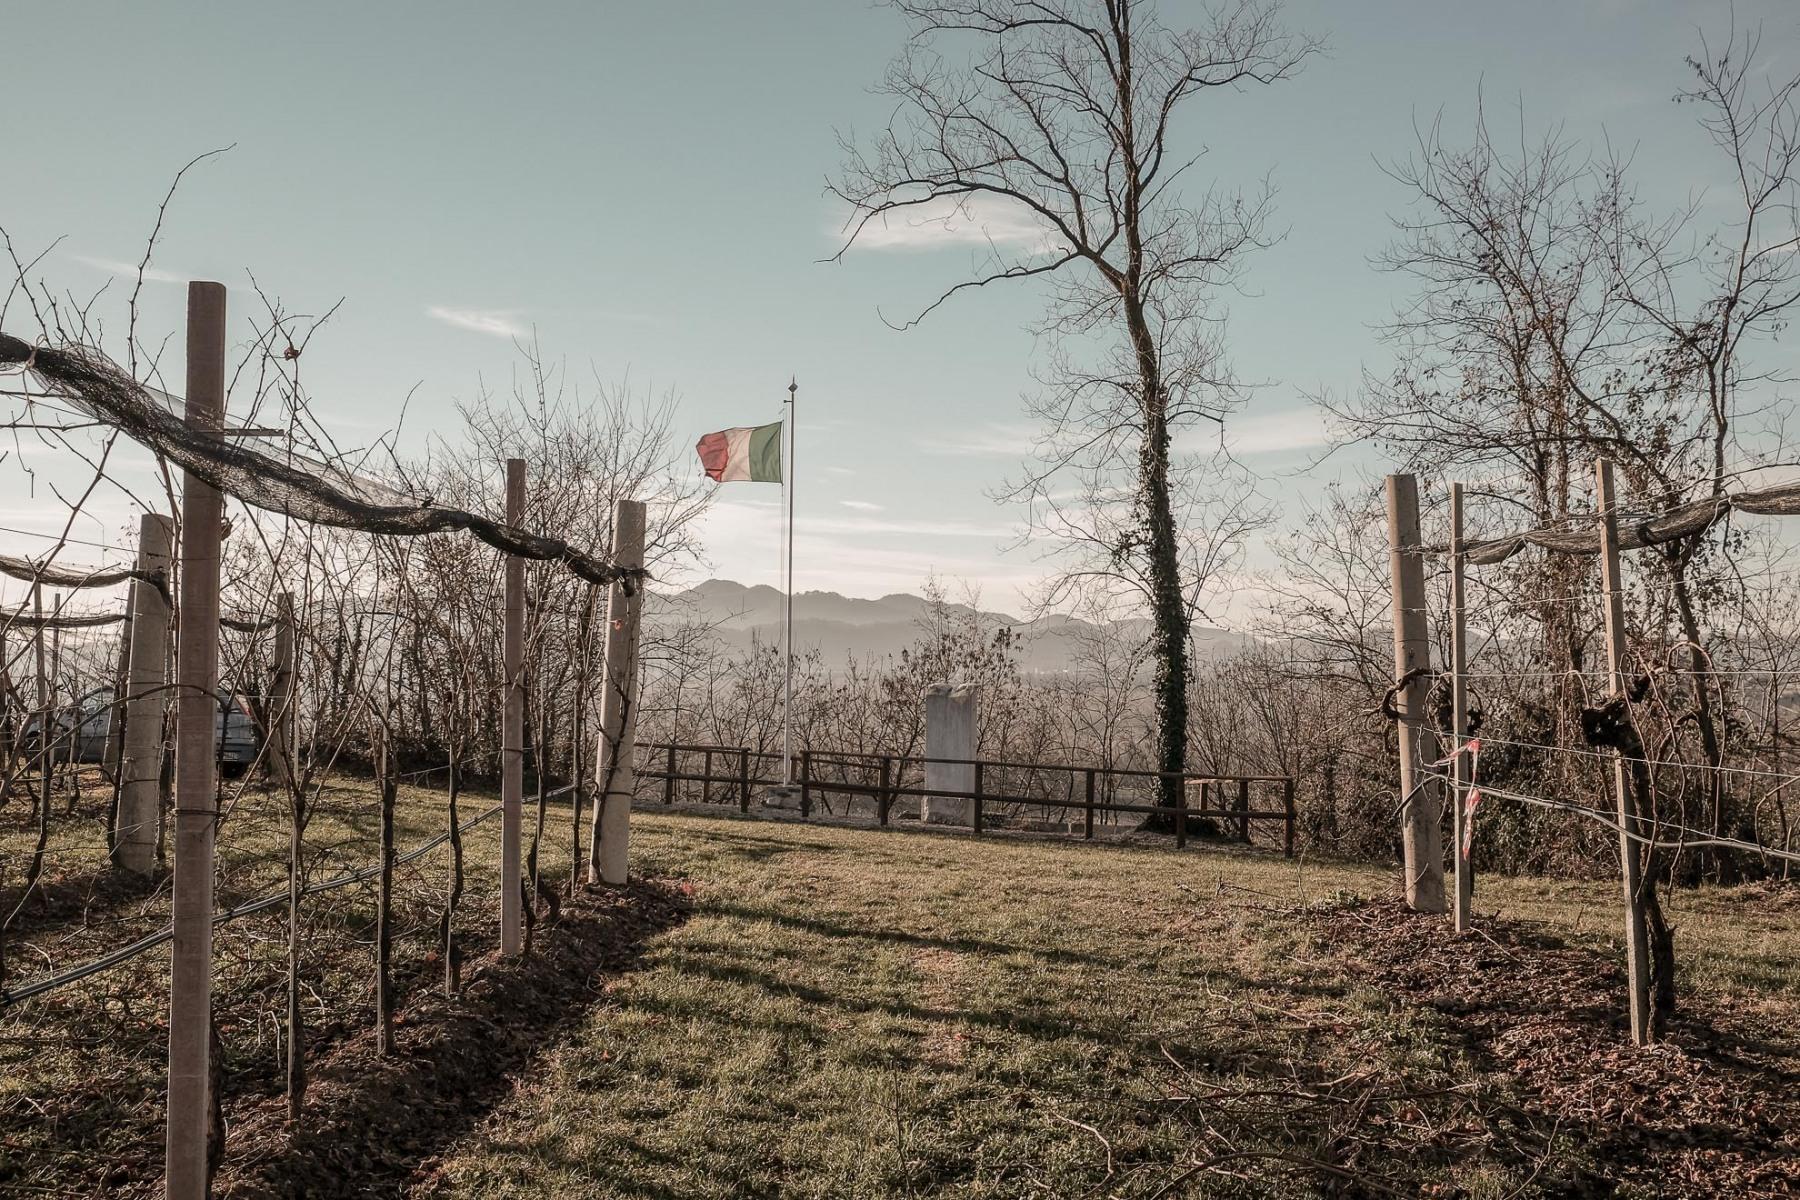 Lungo-il-Piave-luogo-simbolo-per-l'-Italia-a-causa-delle-battaglie-combattute-durante-la-Prima-Guerra-mondiale.-L'Italia-era-un-Paese-unito-da-meno-di-cinquantanni